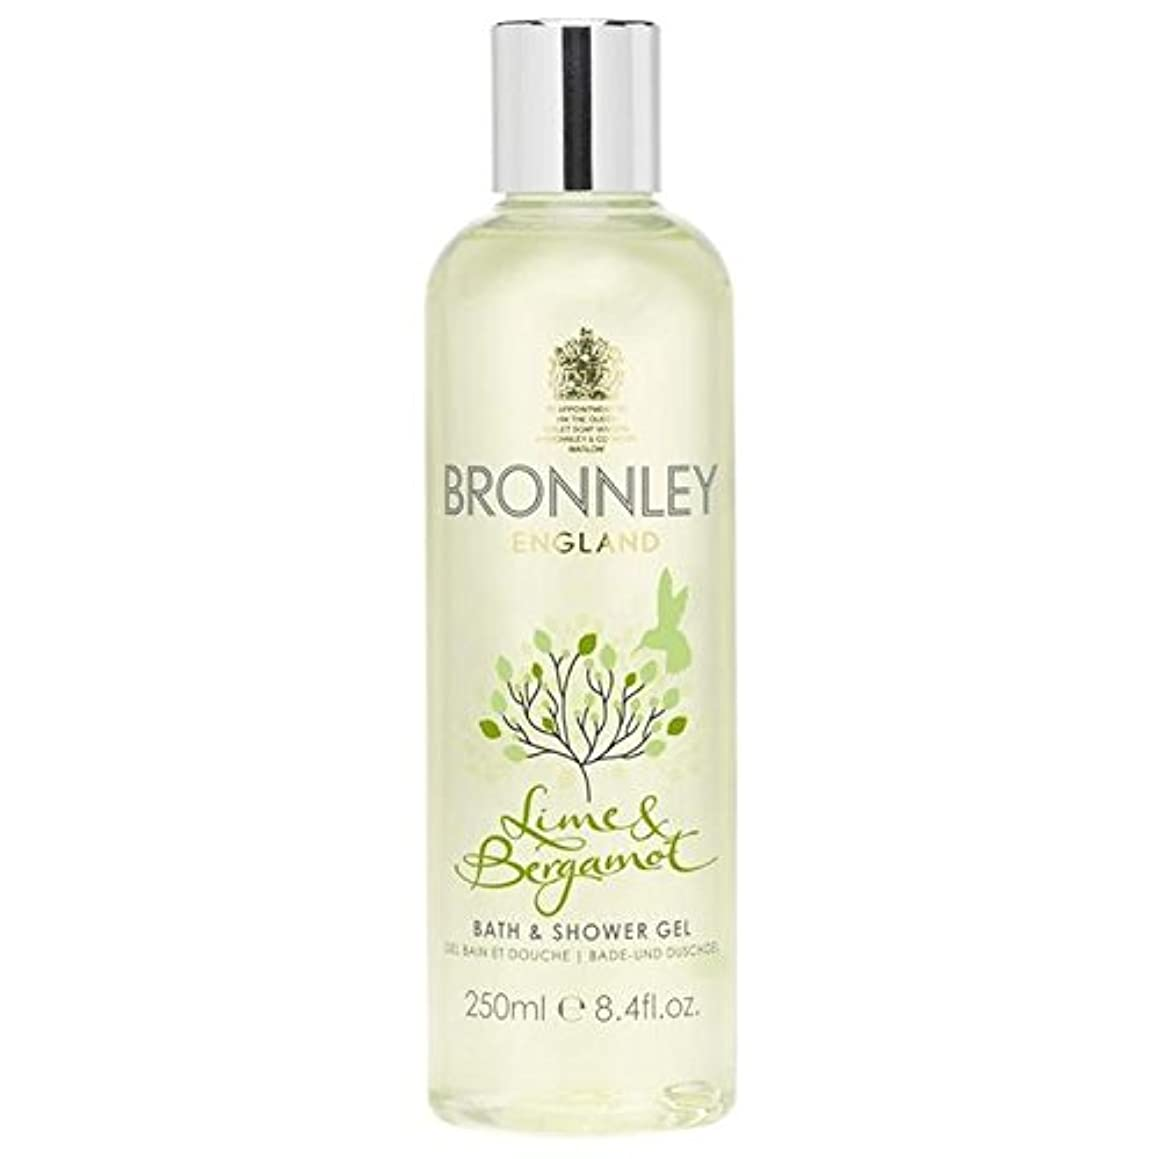 事業内容記念碑作者Bronnley Lime & Bergamot Bath & Shower Gel 250ml - ライム&ベルガモットバス&シャワージェル250ミリリットル [並行輸入品]